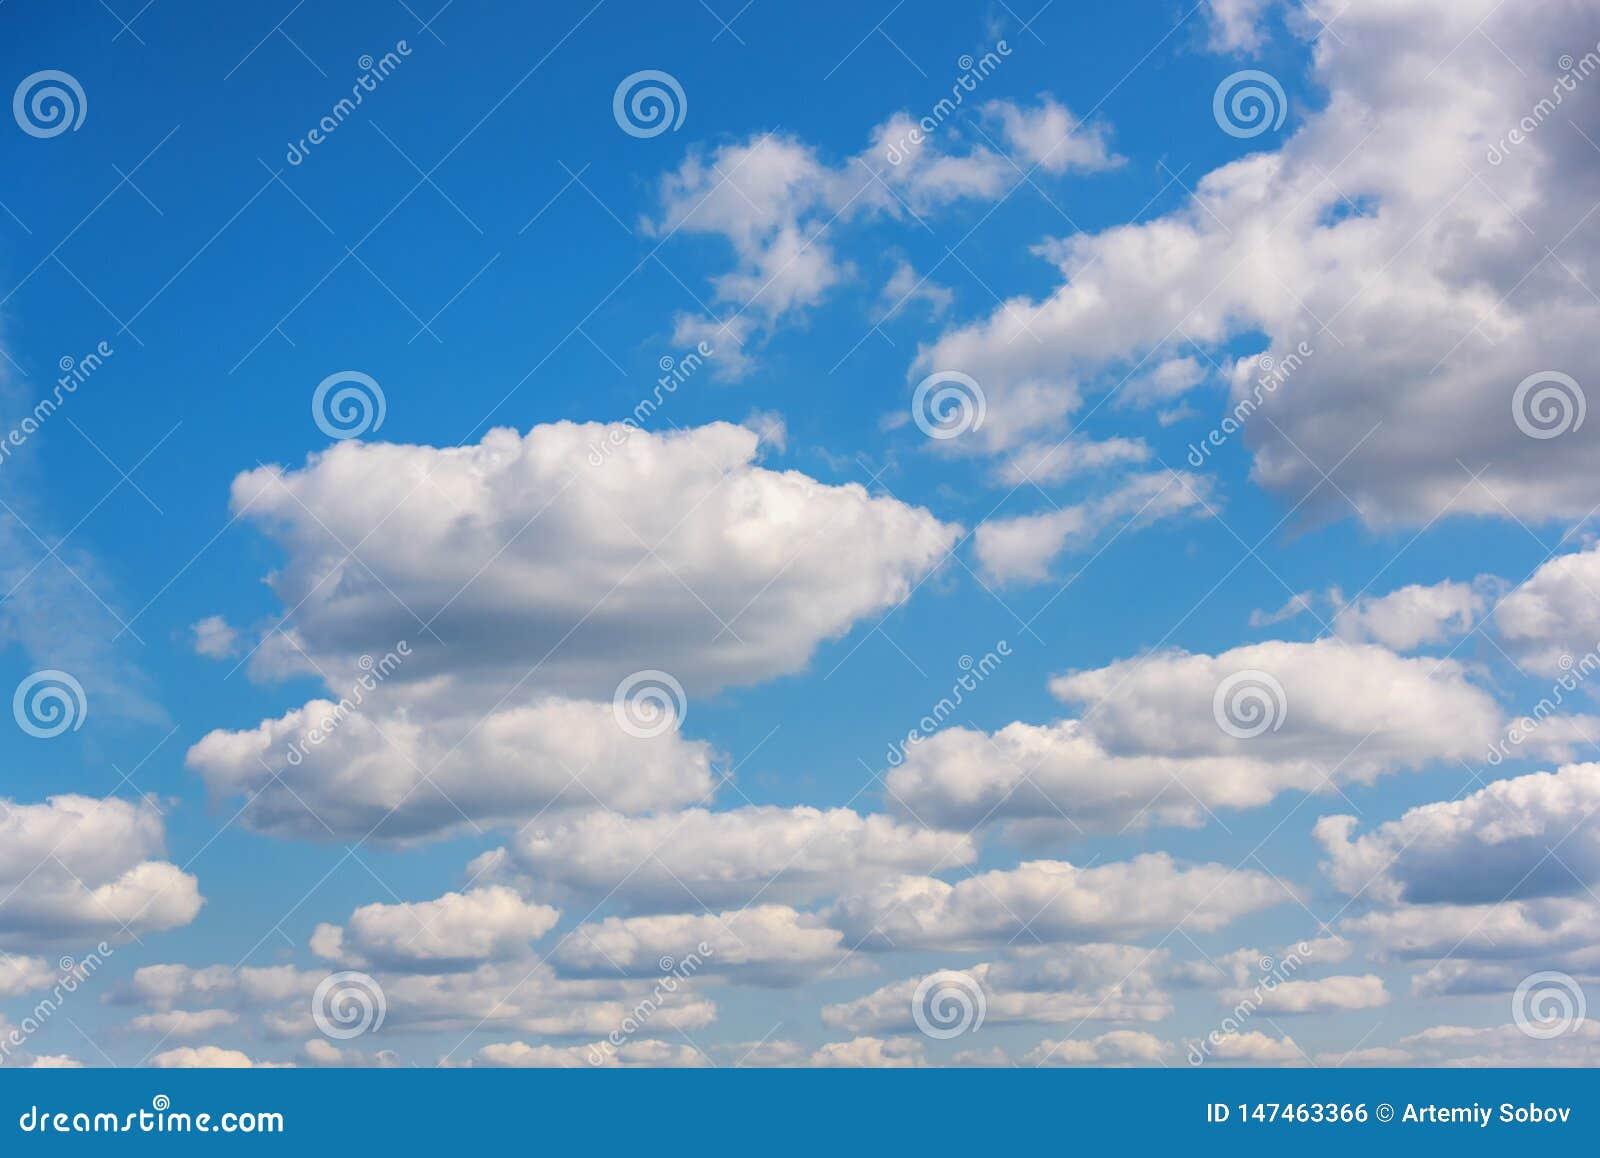 Luz del día divina en un día de verano soleado La composición natural del cielo azul